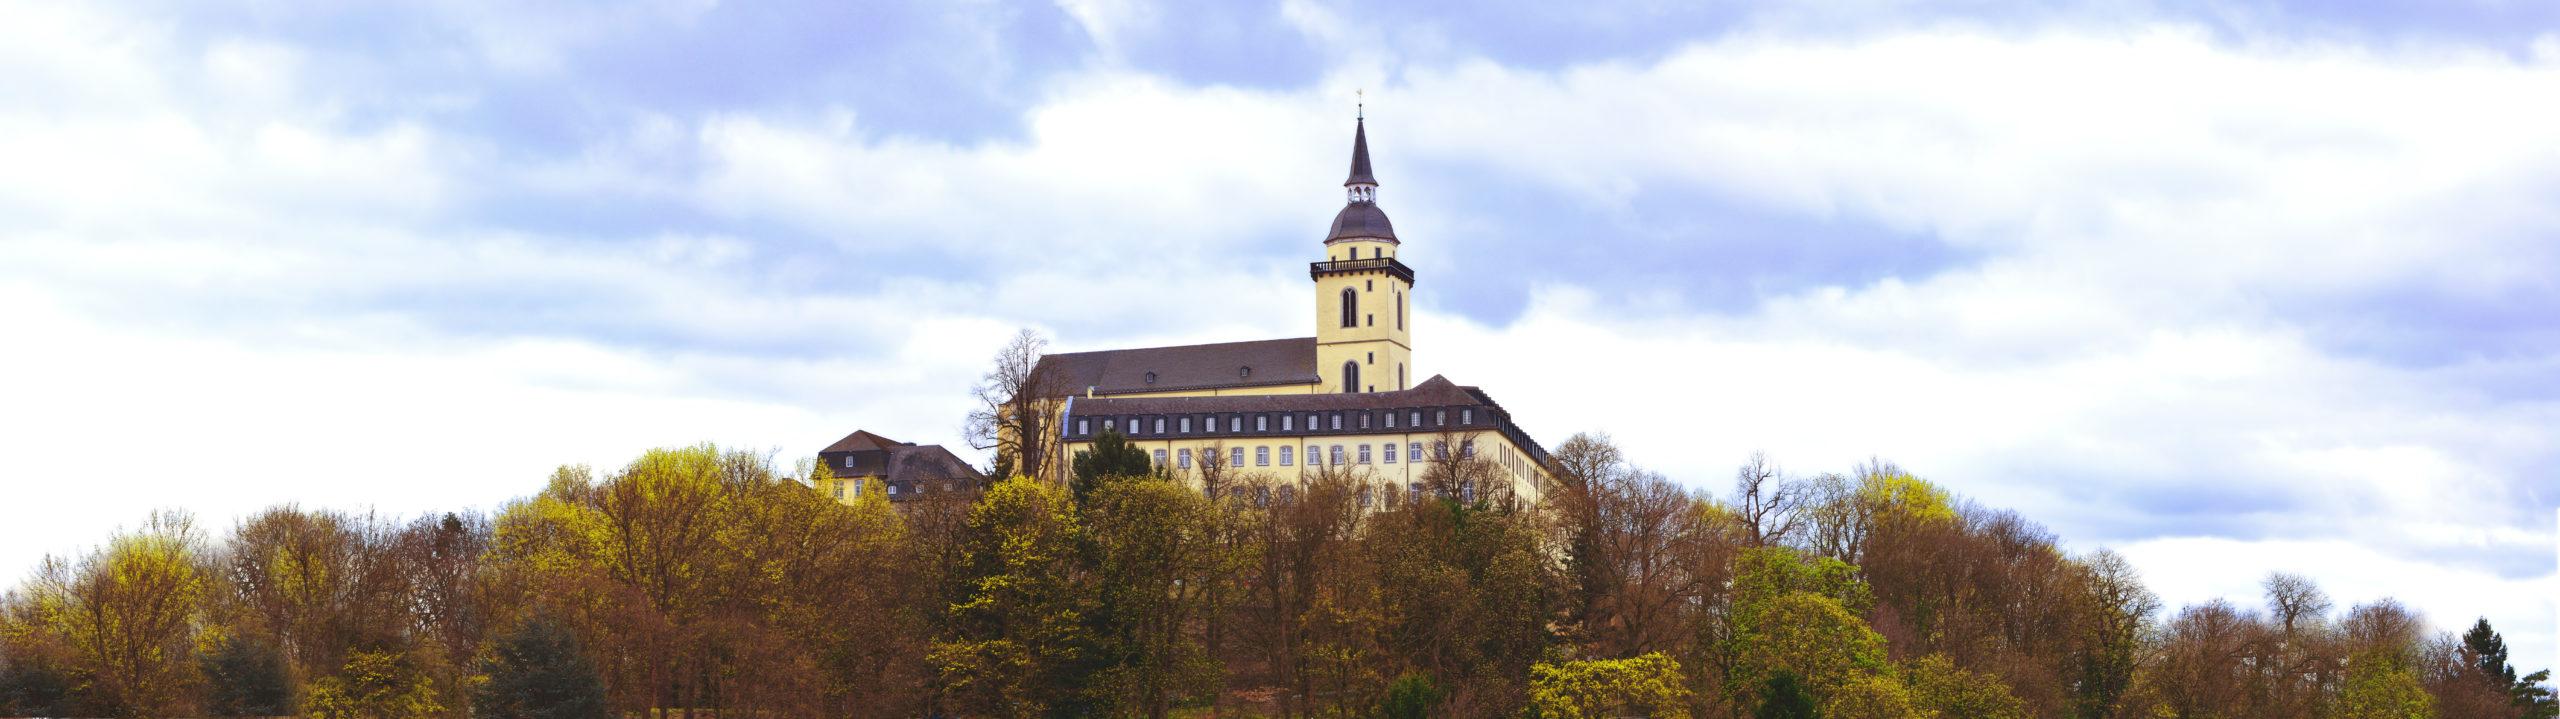 Erste Hilfe Kurs in Siegburg